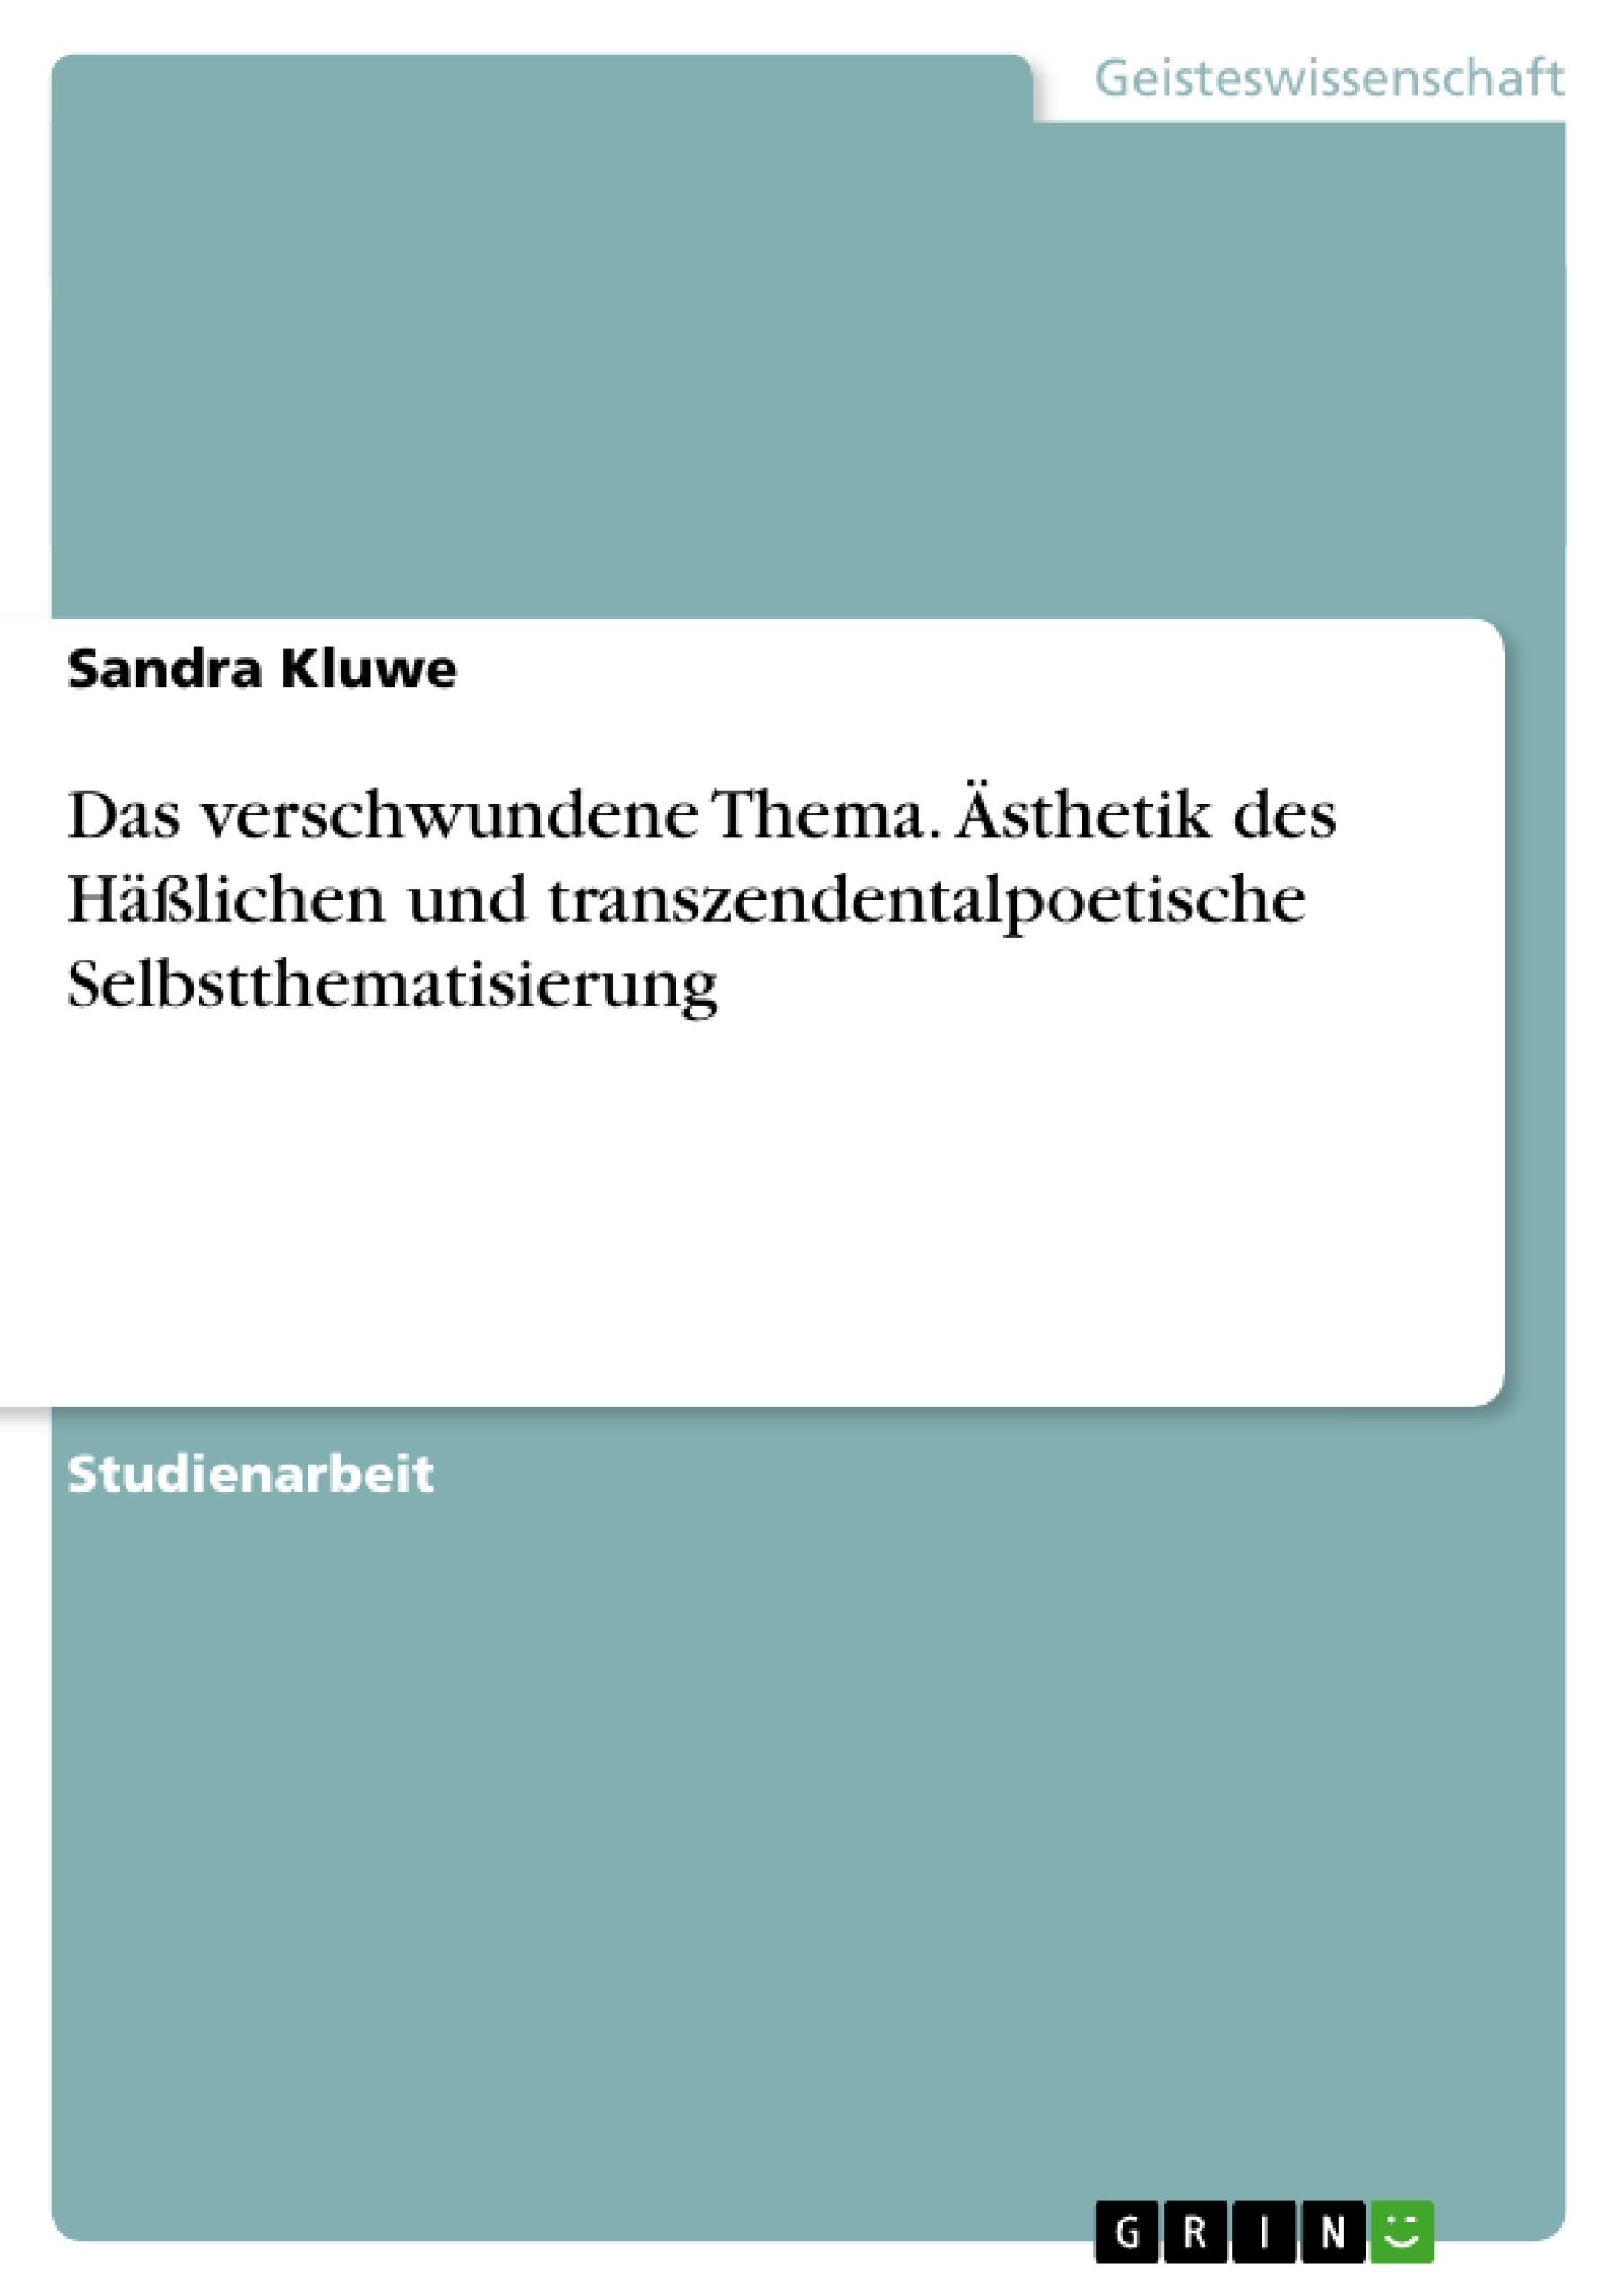 Titel: Das verschwundene Thema. Ästhetik des Häßlichen und transzendentalpoetische Selbstthematisierung